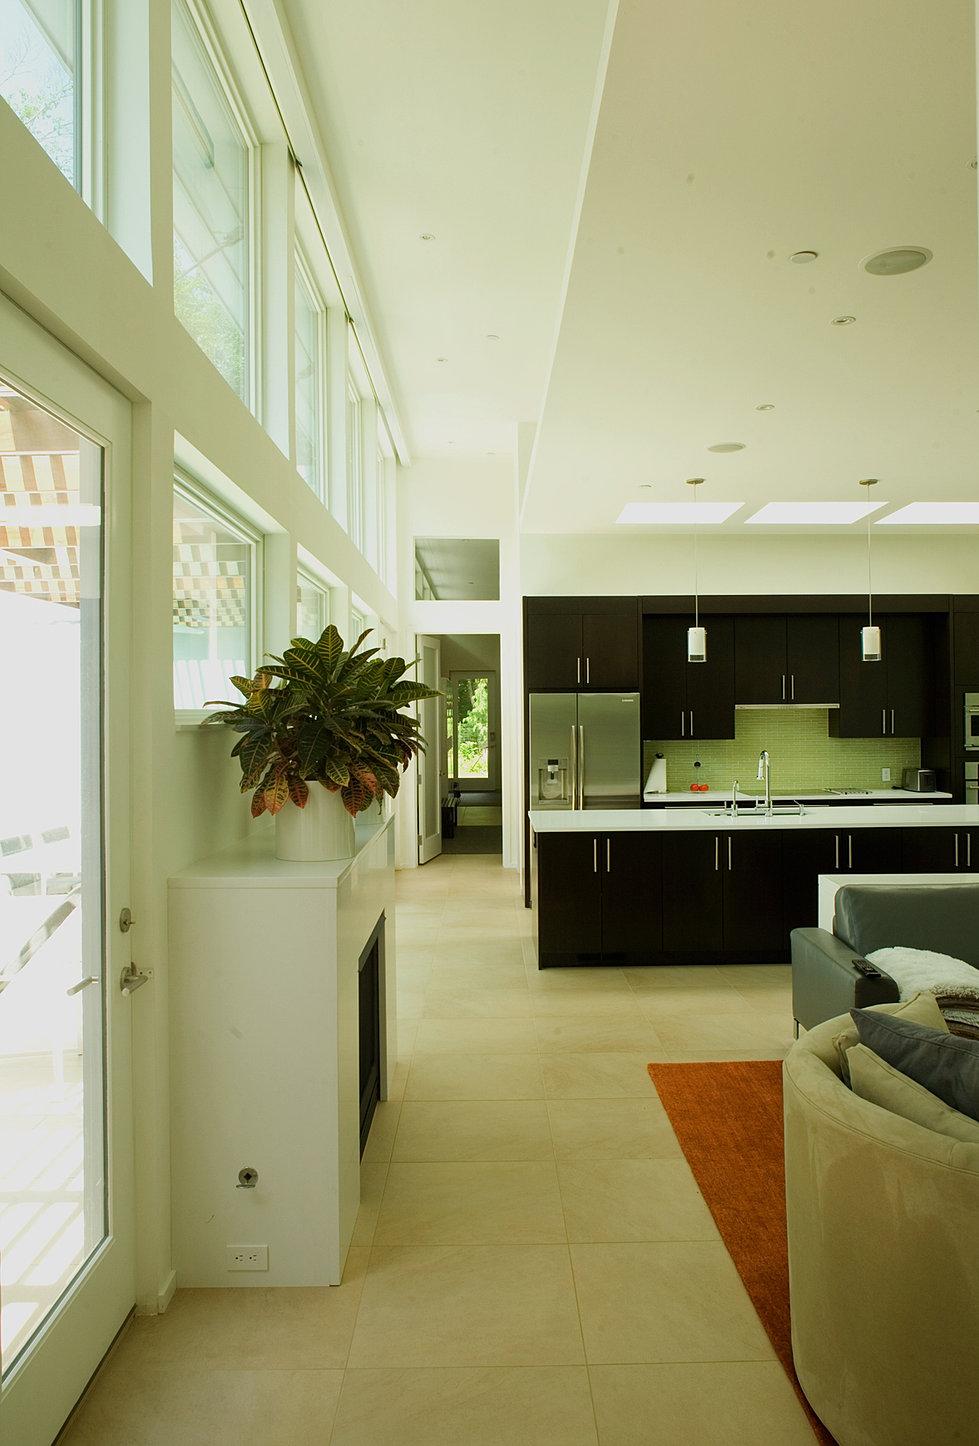 Interior Design, Ridgefield, Ct